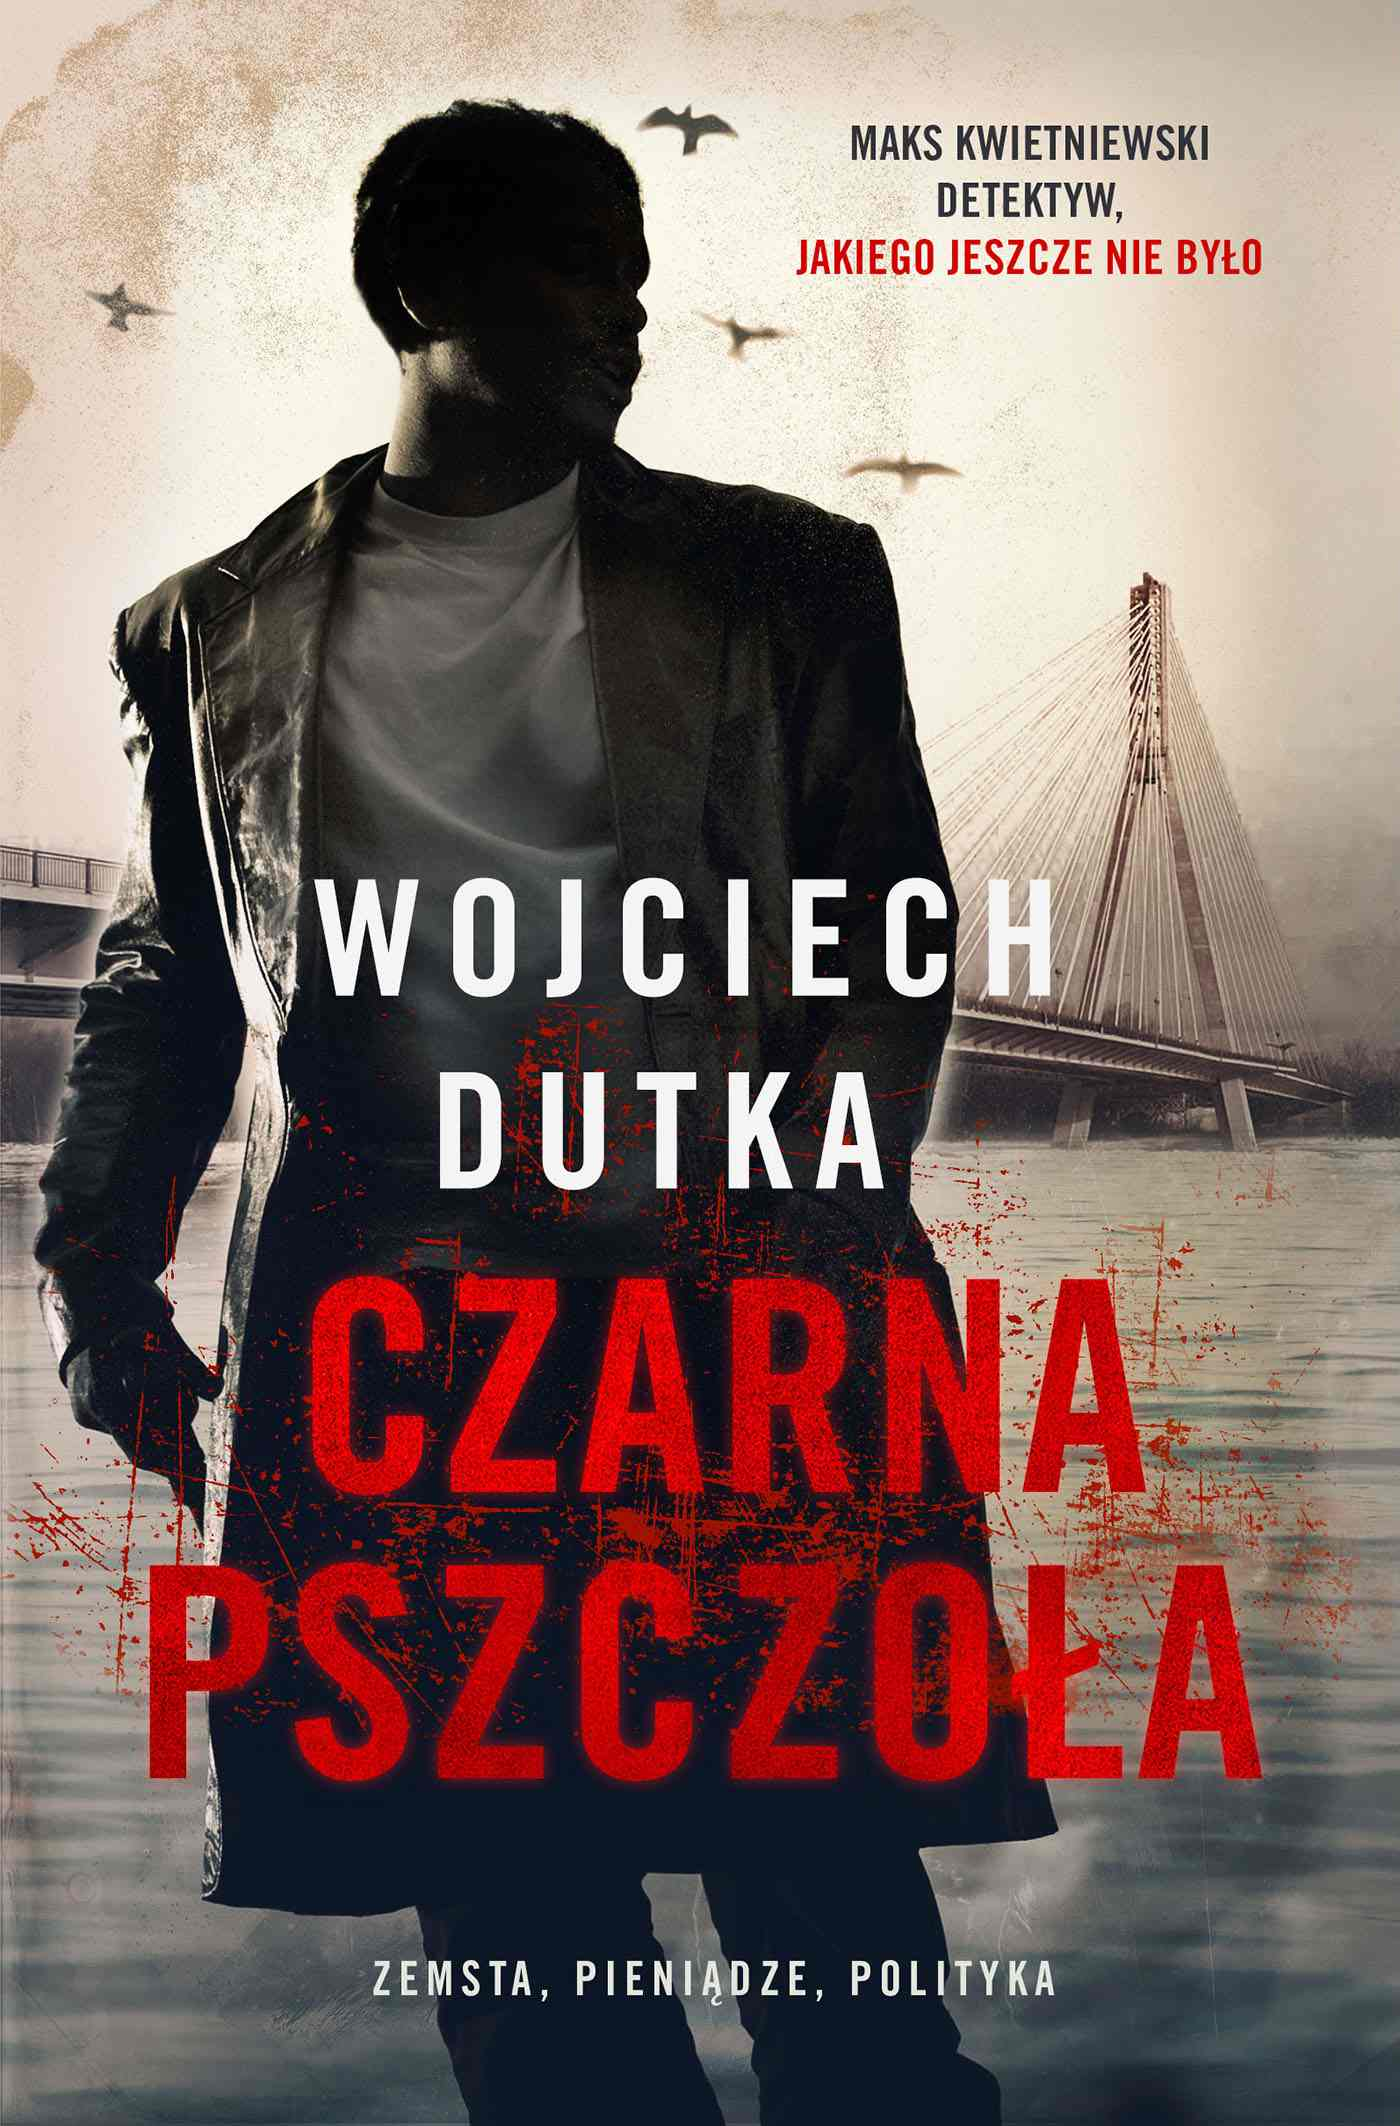 Czarna pszczoła - Wojciech Dutka